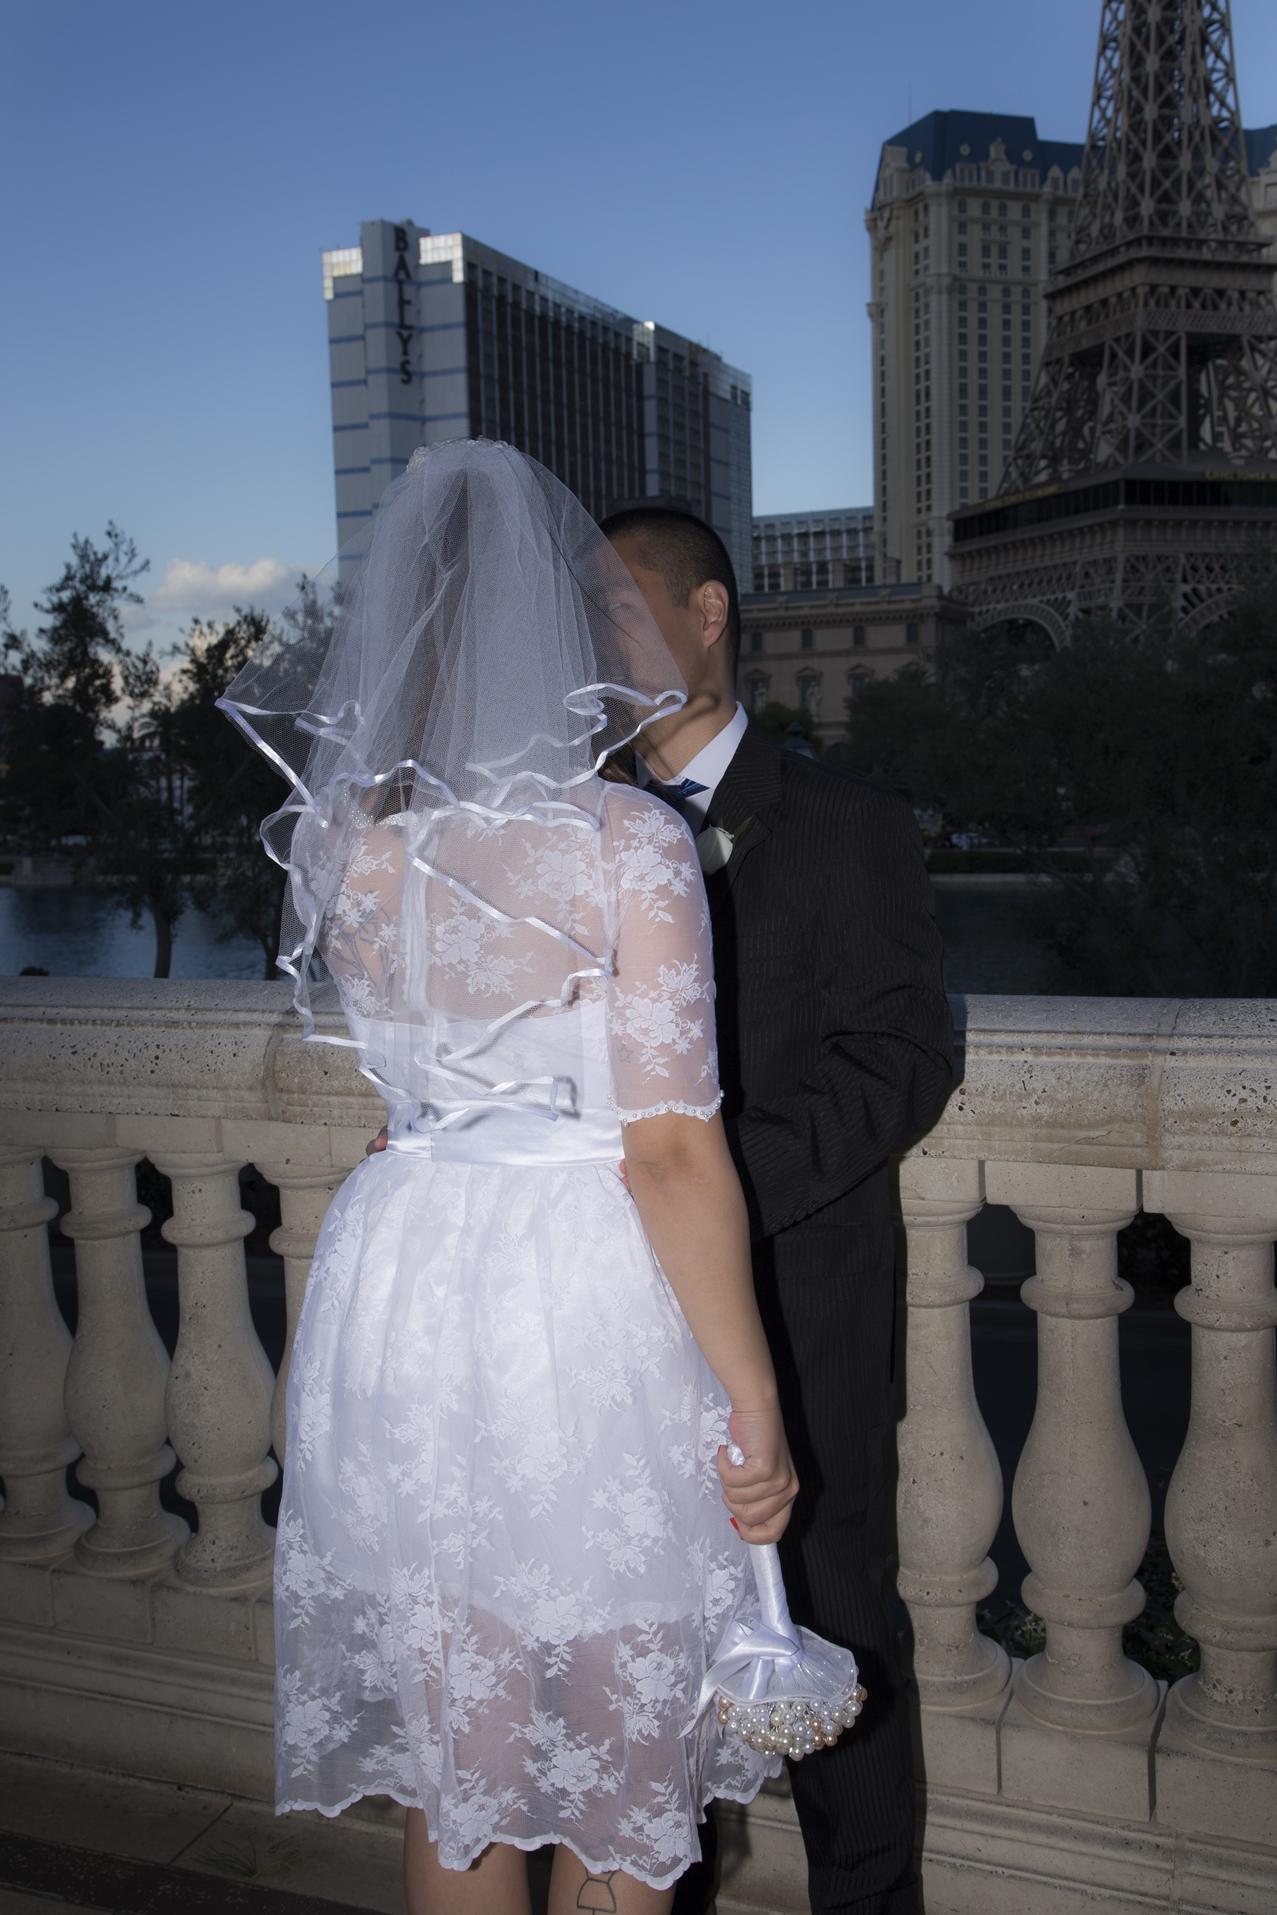 casando-em-vegas-08